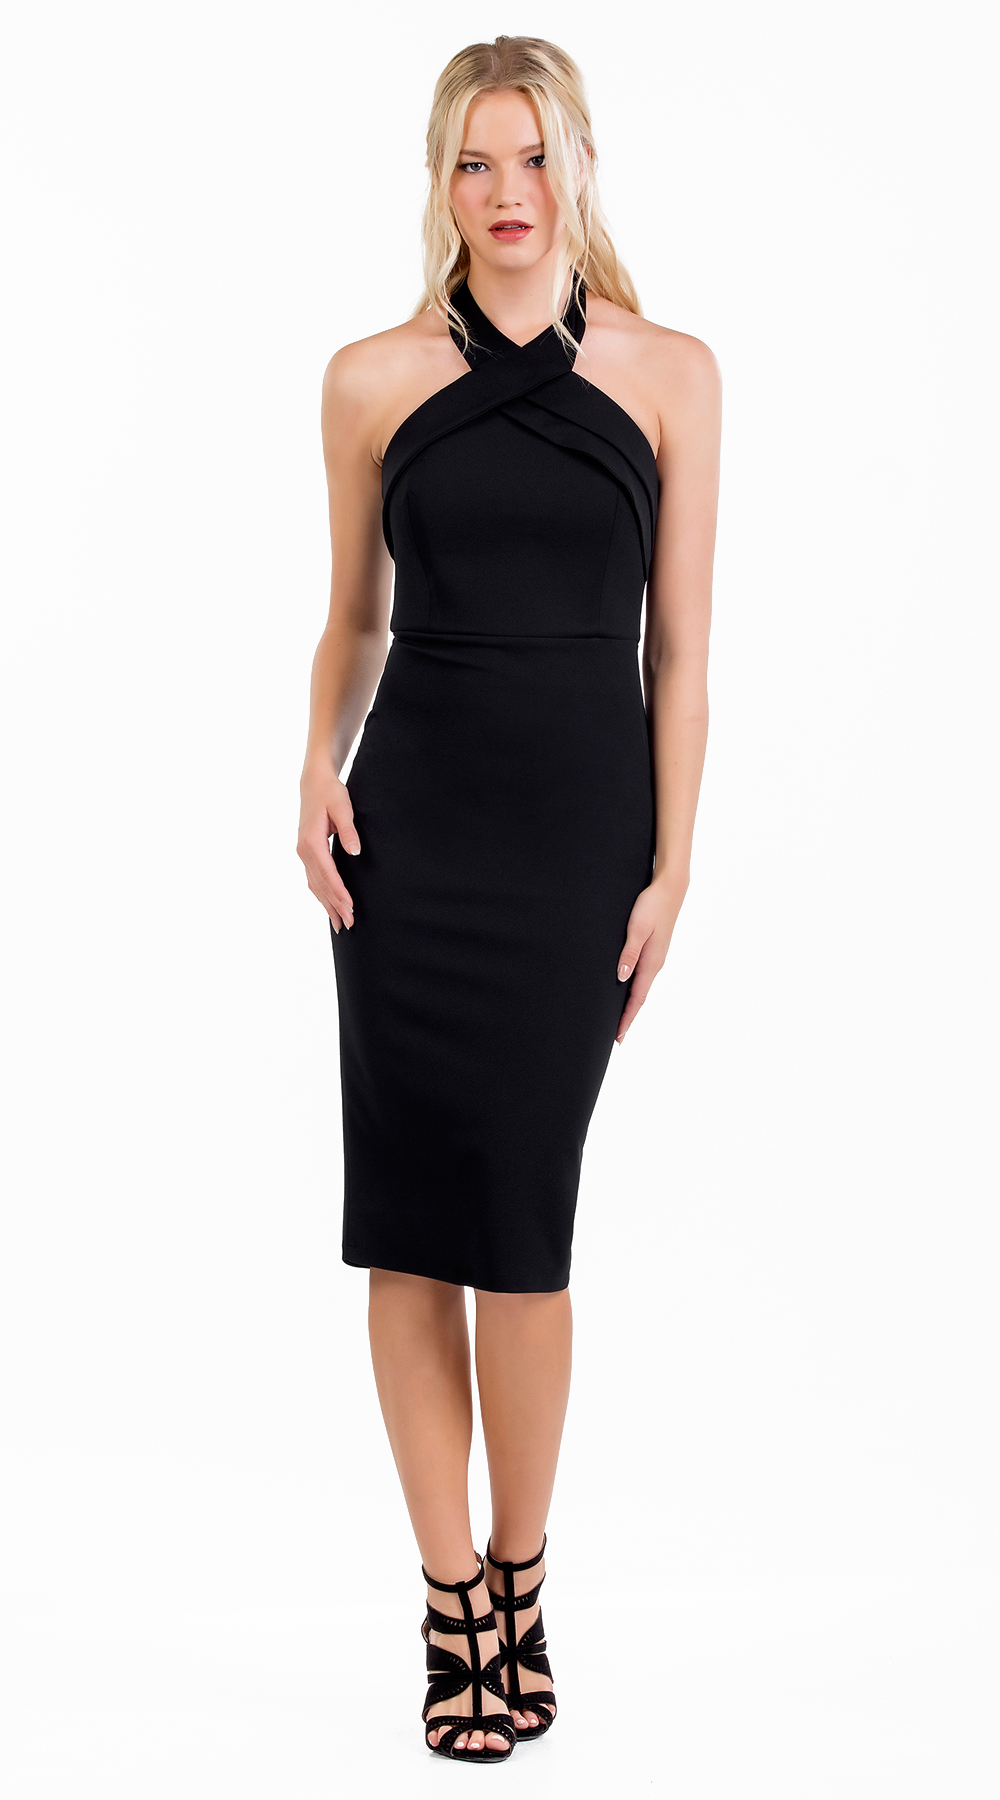 Μίντι bodycon εξώπλατο φόρεμα infinity Online - OEM - F17ON-5824030 2a016ca9fab